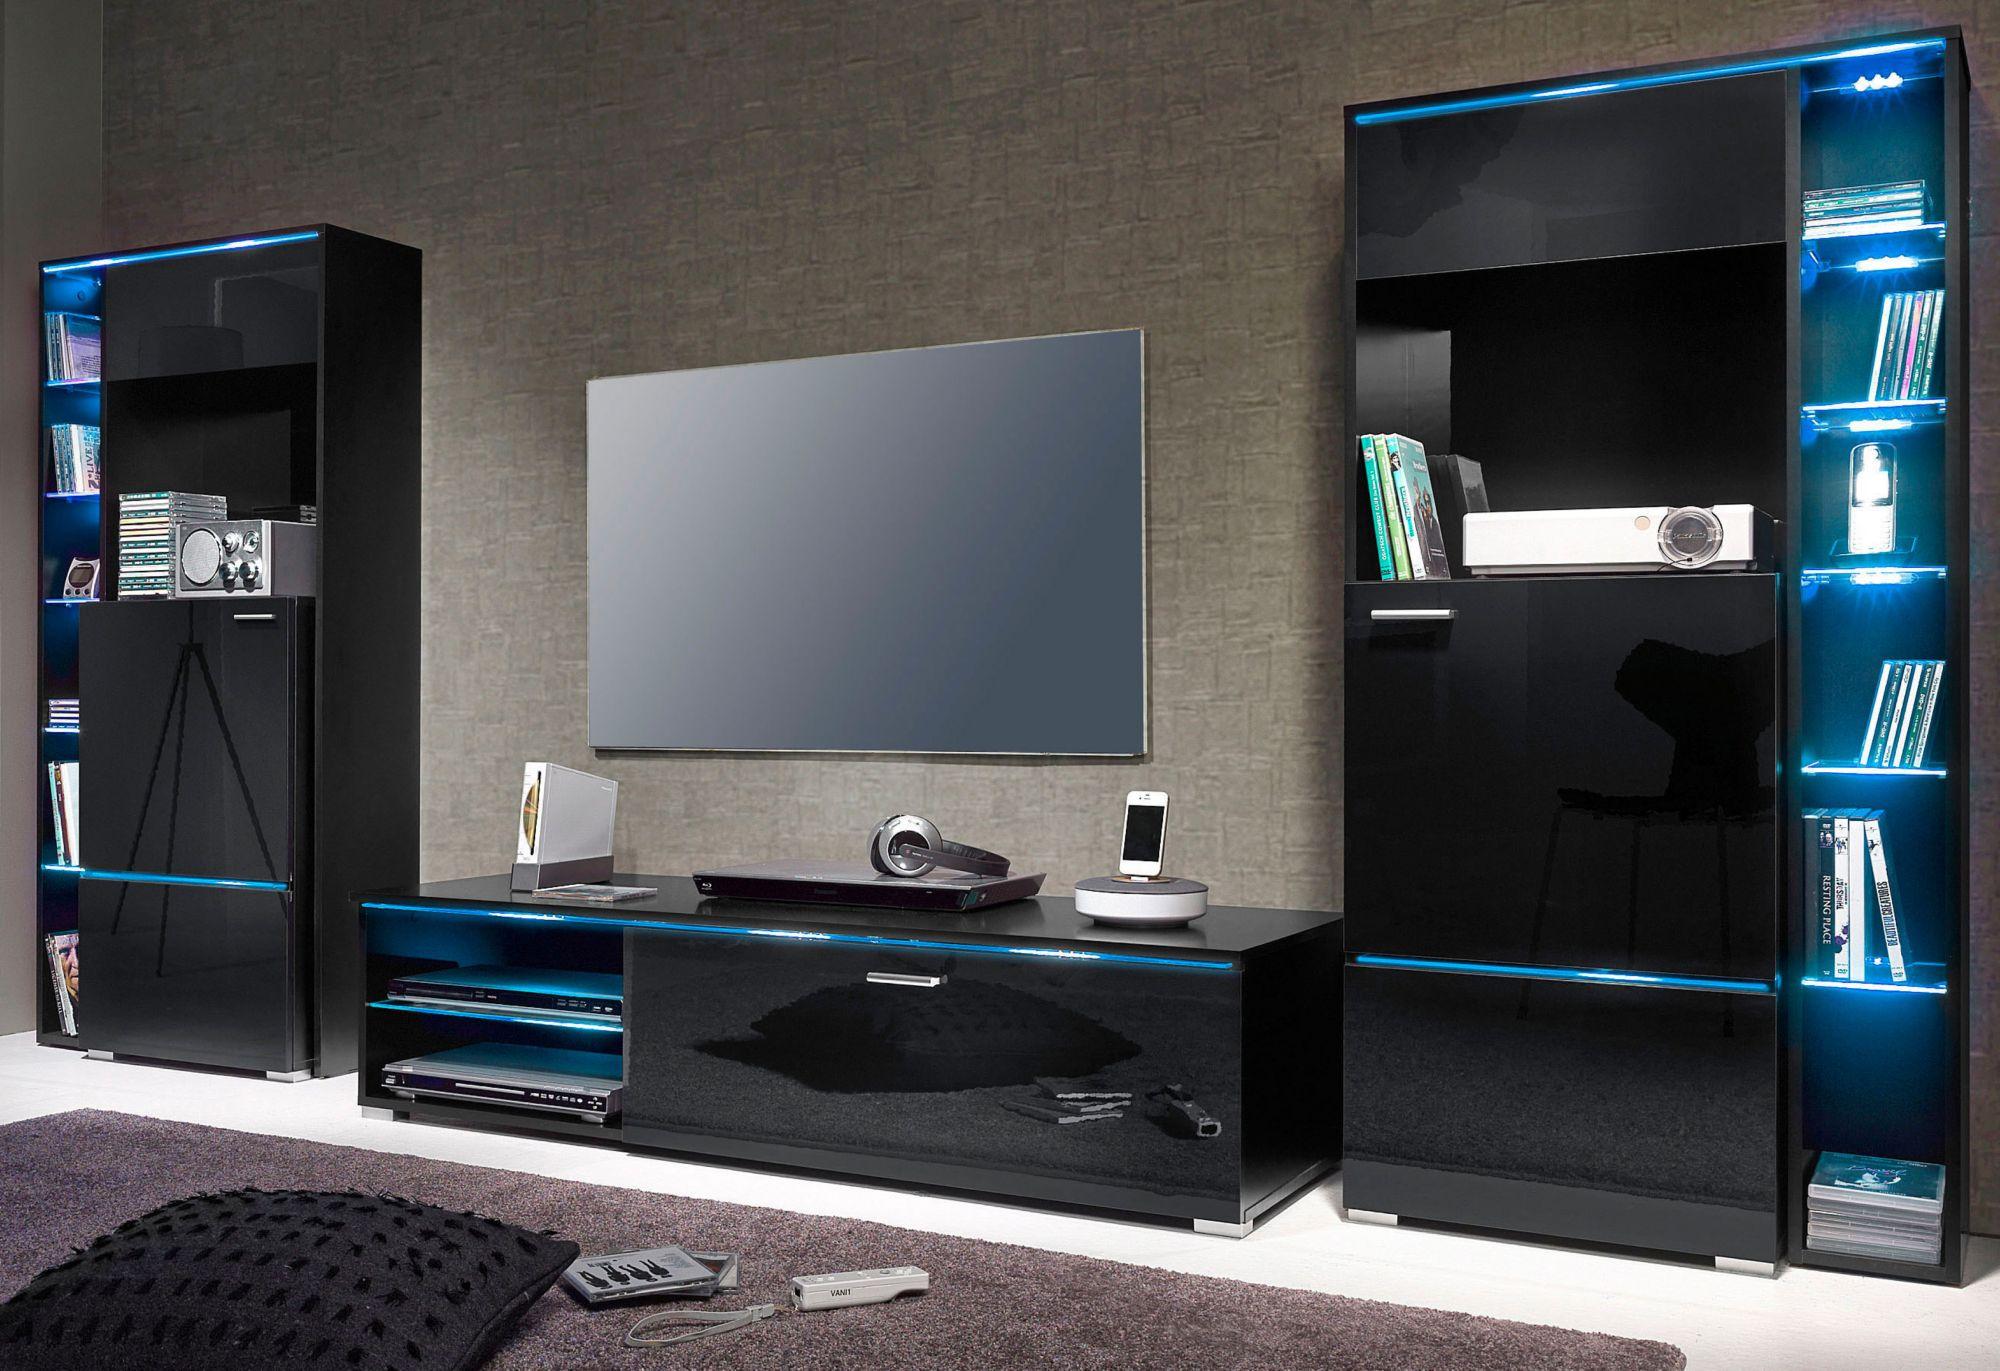 hochglanz wohnw nde im schwab online shop m bel wohnw nde. Black Bedroom Furniture Sets. Home Design Ideas